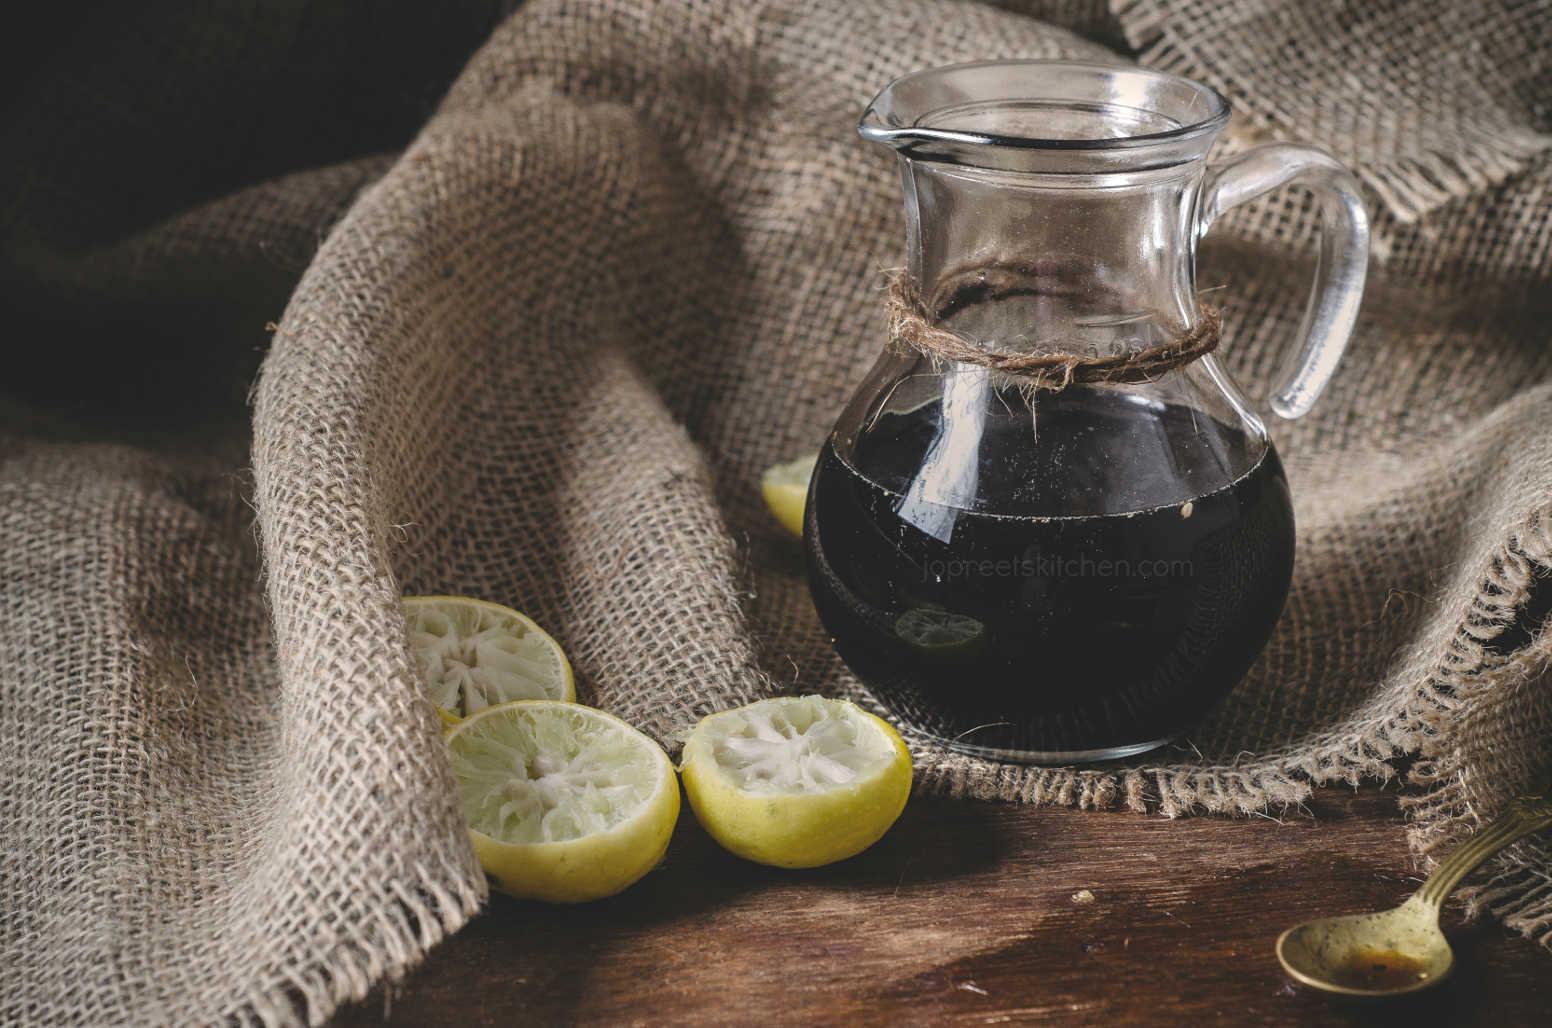 Homemade Nannari Syrup / How to Prepare Nannari Syrup at home